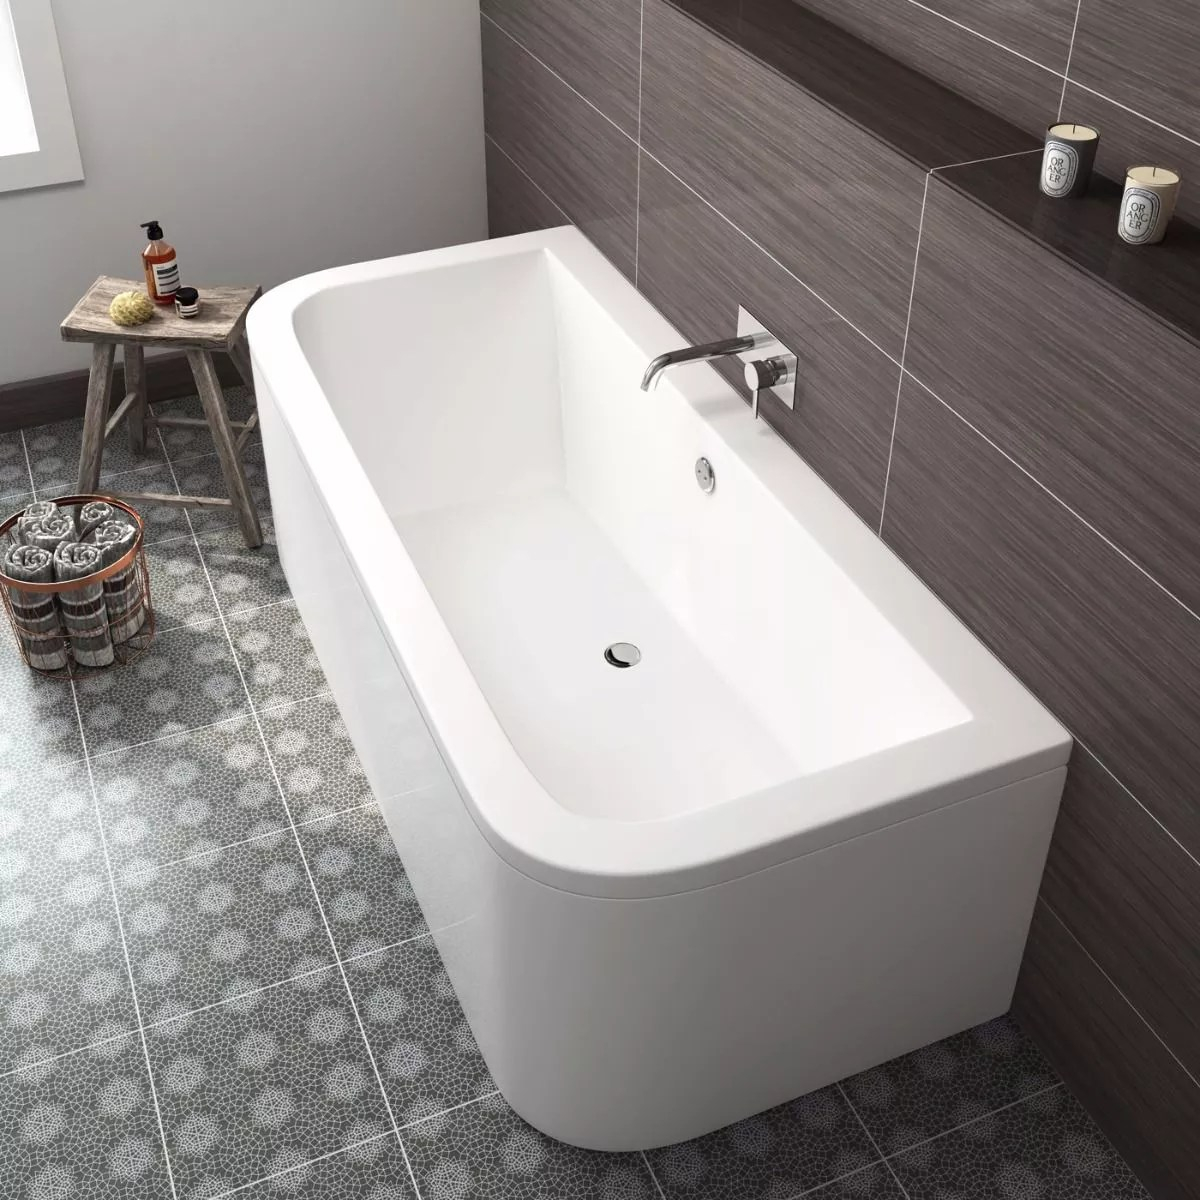 Interieur | Betaalbare luxe baden en accessoires voor de badkamer - Woonblog StijlvolStyling.com